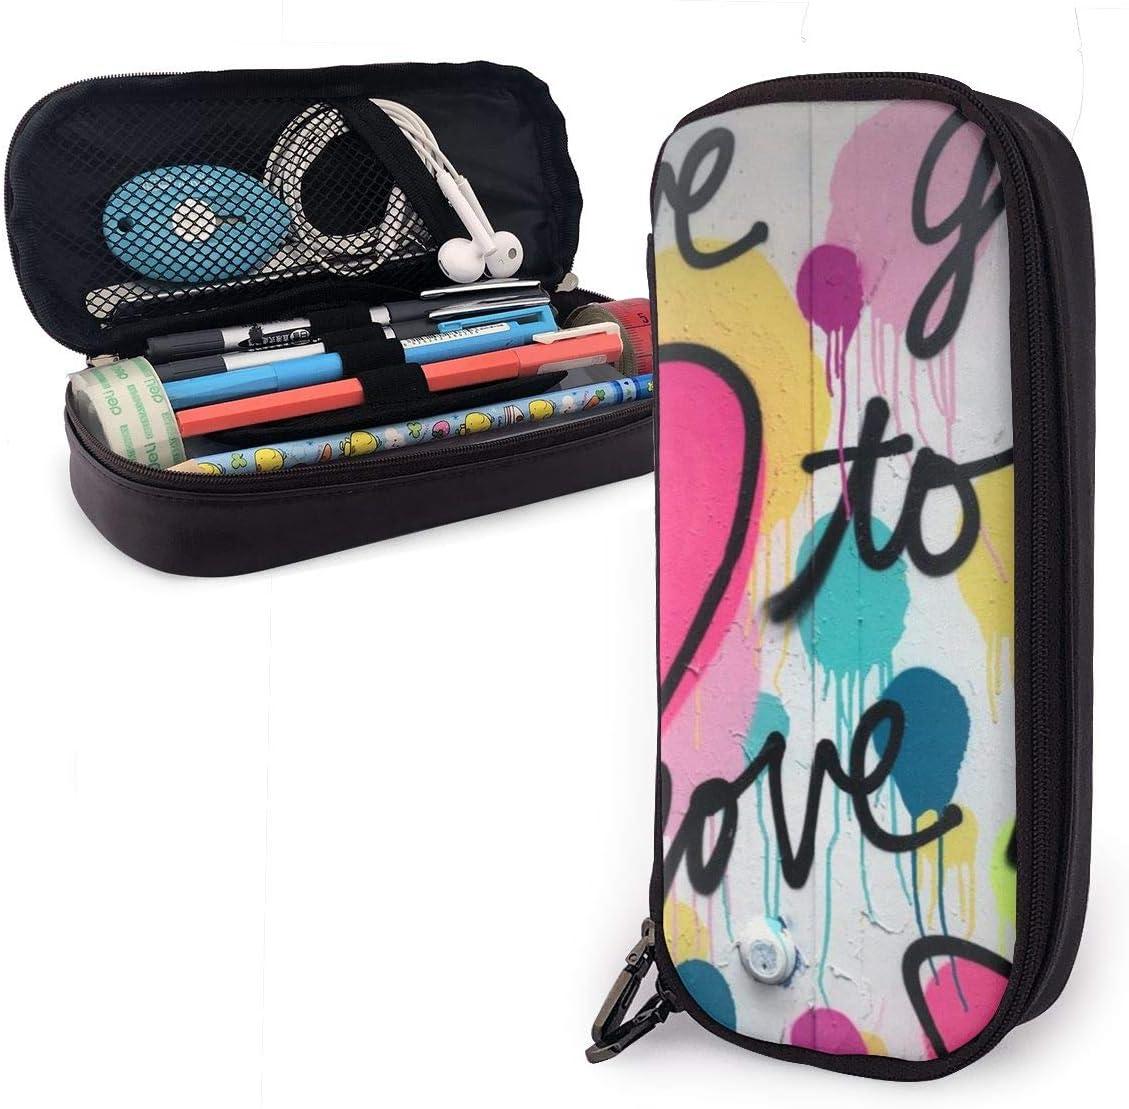 Estuche para lápices con diseño de reglas de amor para niños y niñas, tamaño grande, para estudiantes, universidades, suministros escolares y oficinas, color rosa: Amazon.es: Oficina y papelería